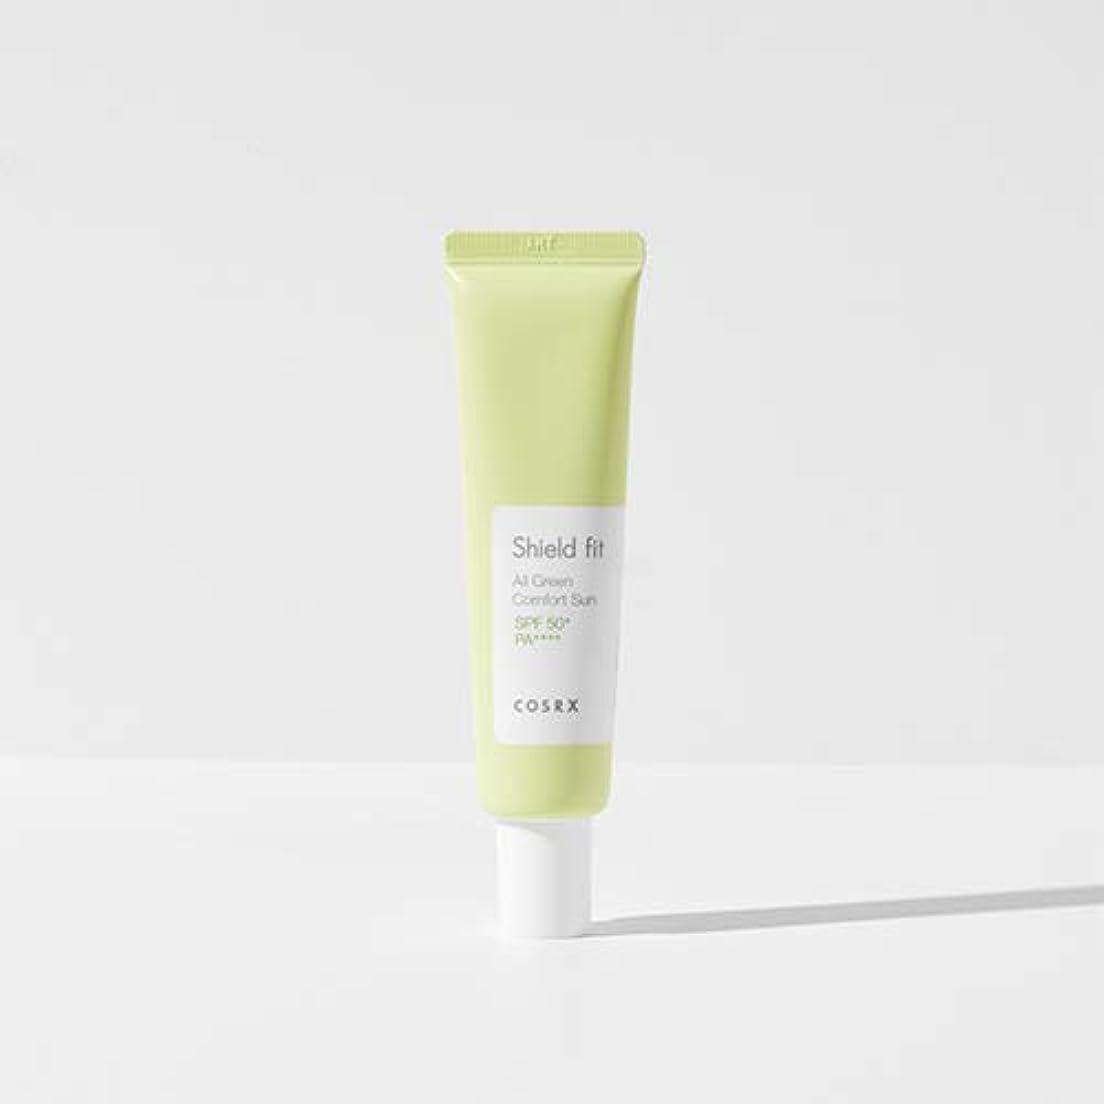 ナチュラルサイクロプスサーバントCOSRX シールド フィット オール グリーン コンフォート サン(無機系)/Shield fit All Green Comfort Sun (35ml) [並行輸入品]